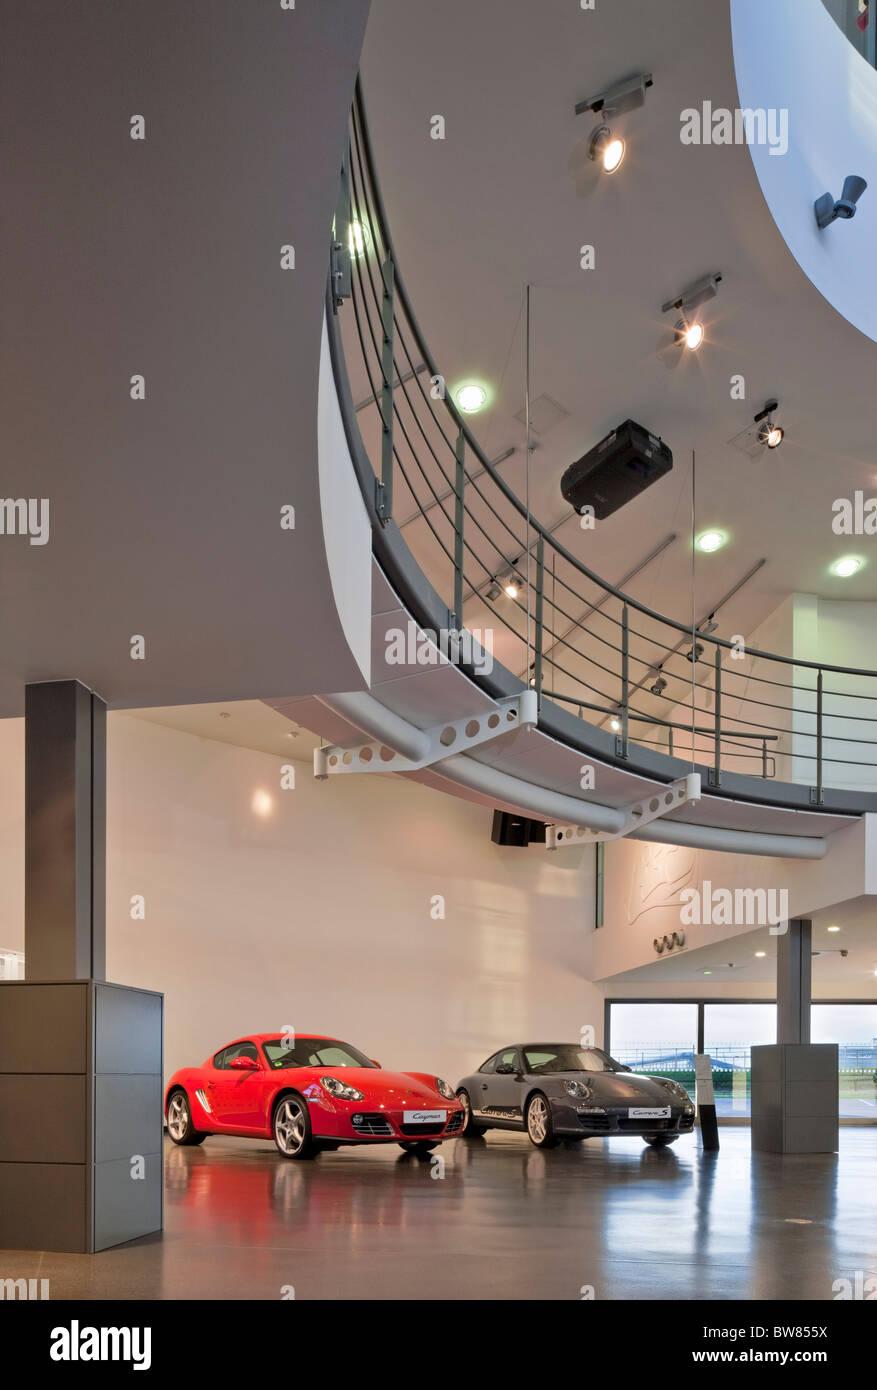 die porsche experience center in siverstone stockfoto bild 32756470 alamy. Black Bedroom Furniture Sets. Home Design Ideas